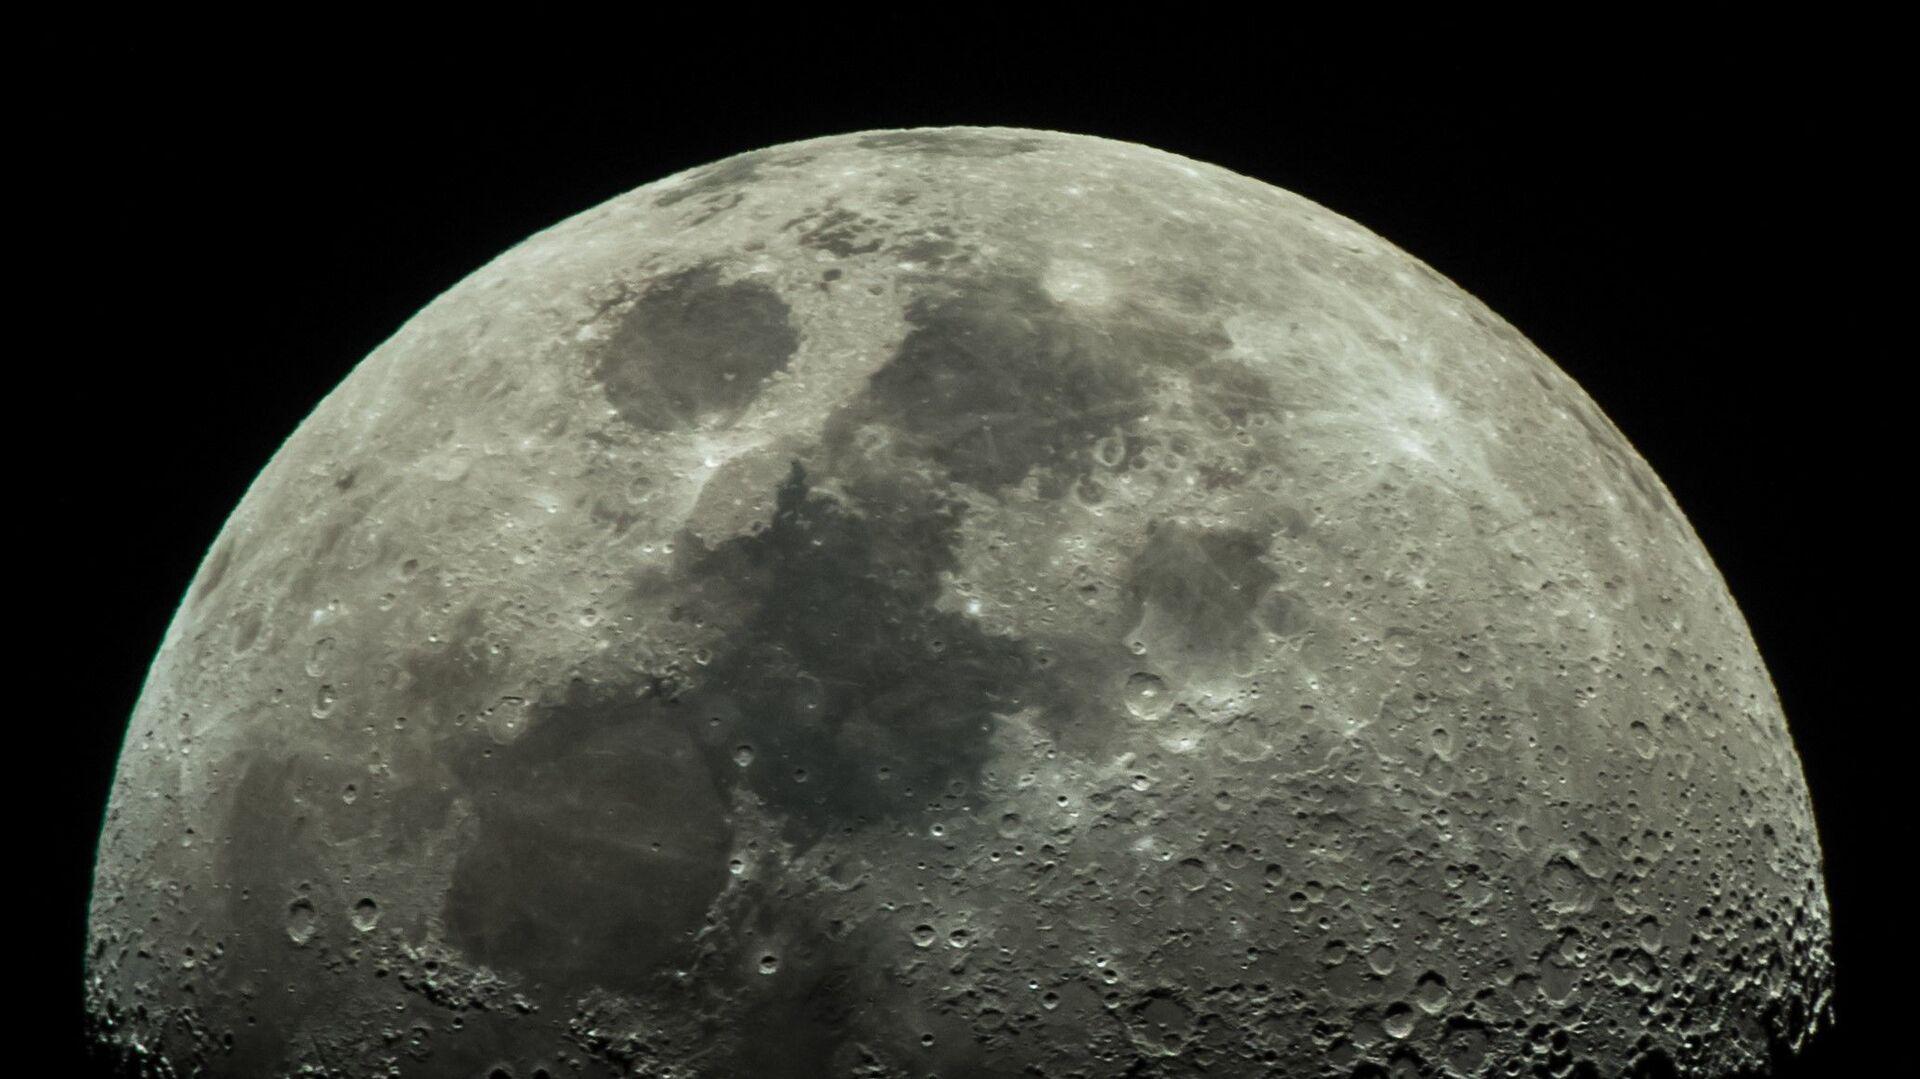 Měsíc. Ilustrační foto - Sputnik Česká republika, 1920, 04.02.2021